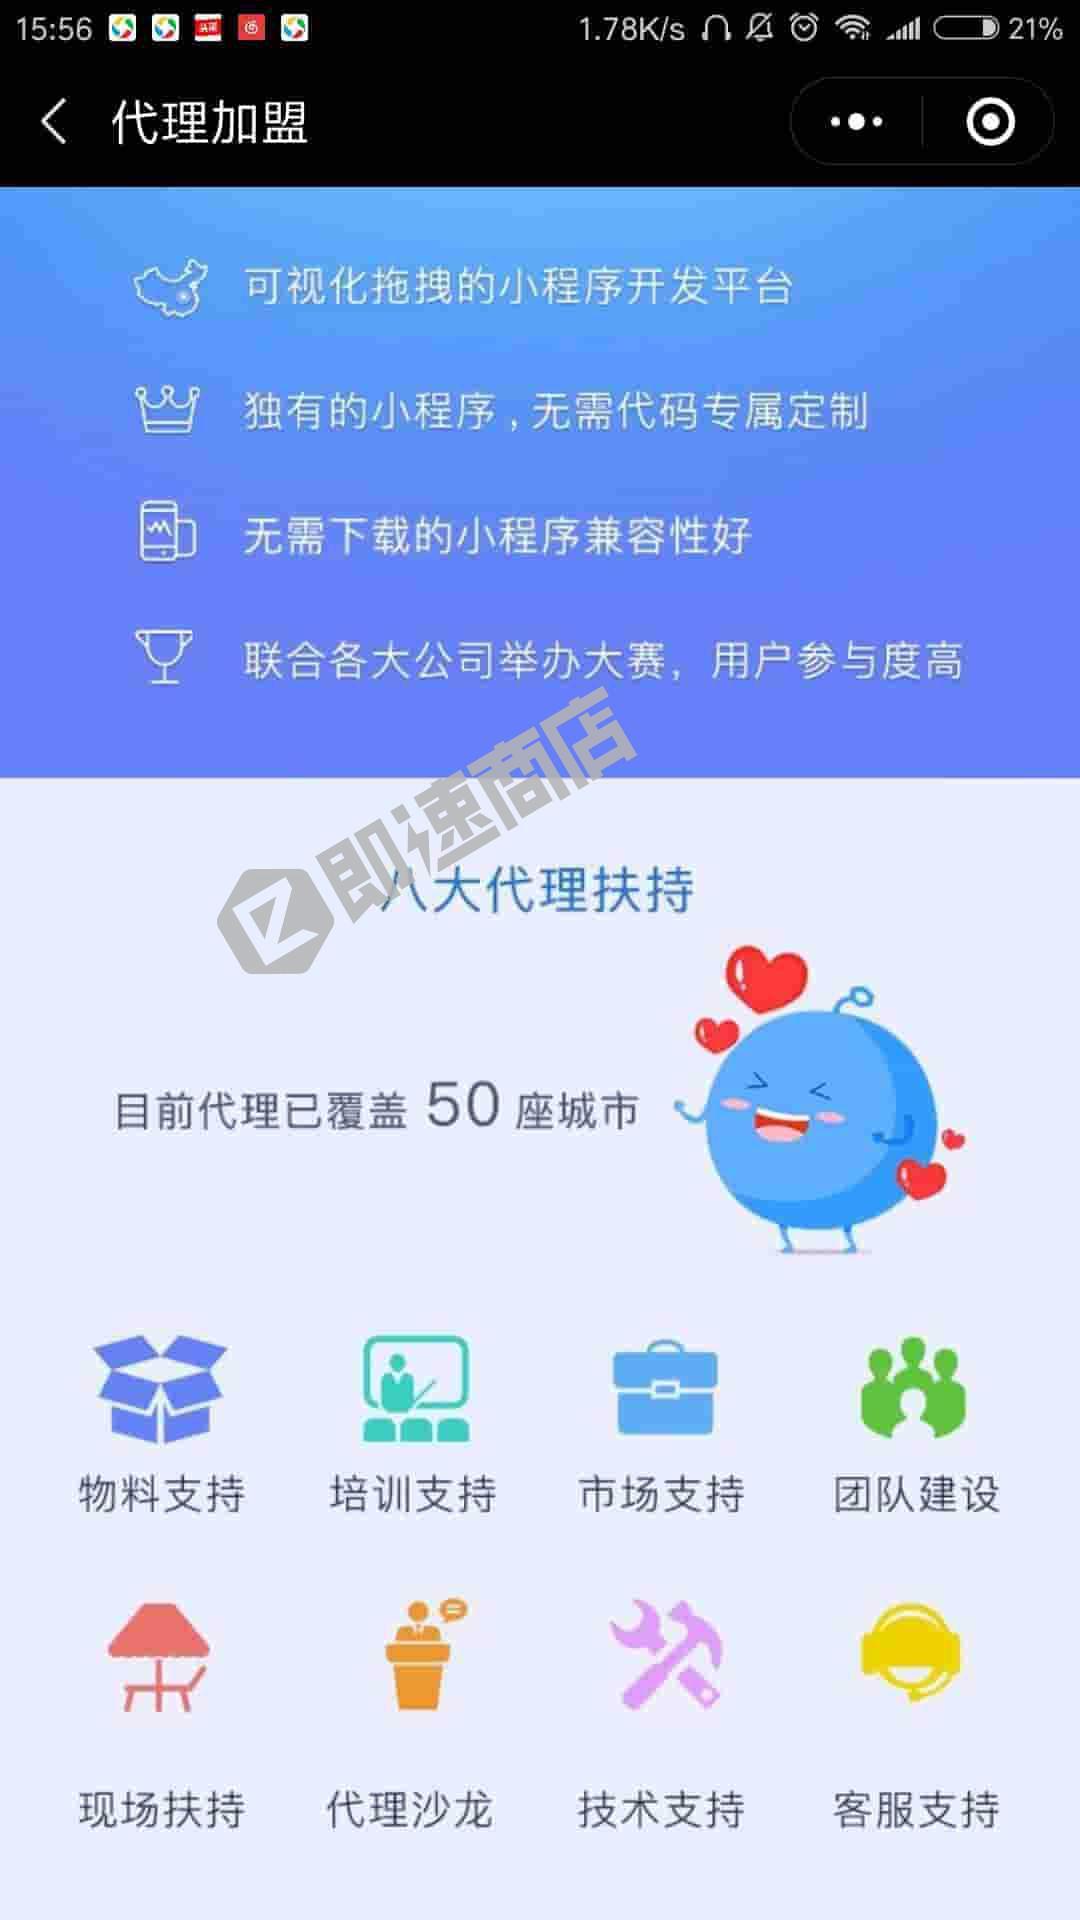 华意菲东方国际大酒店小程序详情页截图